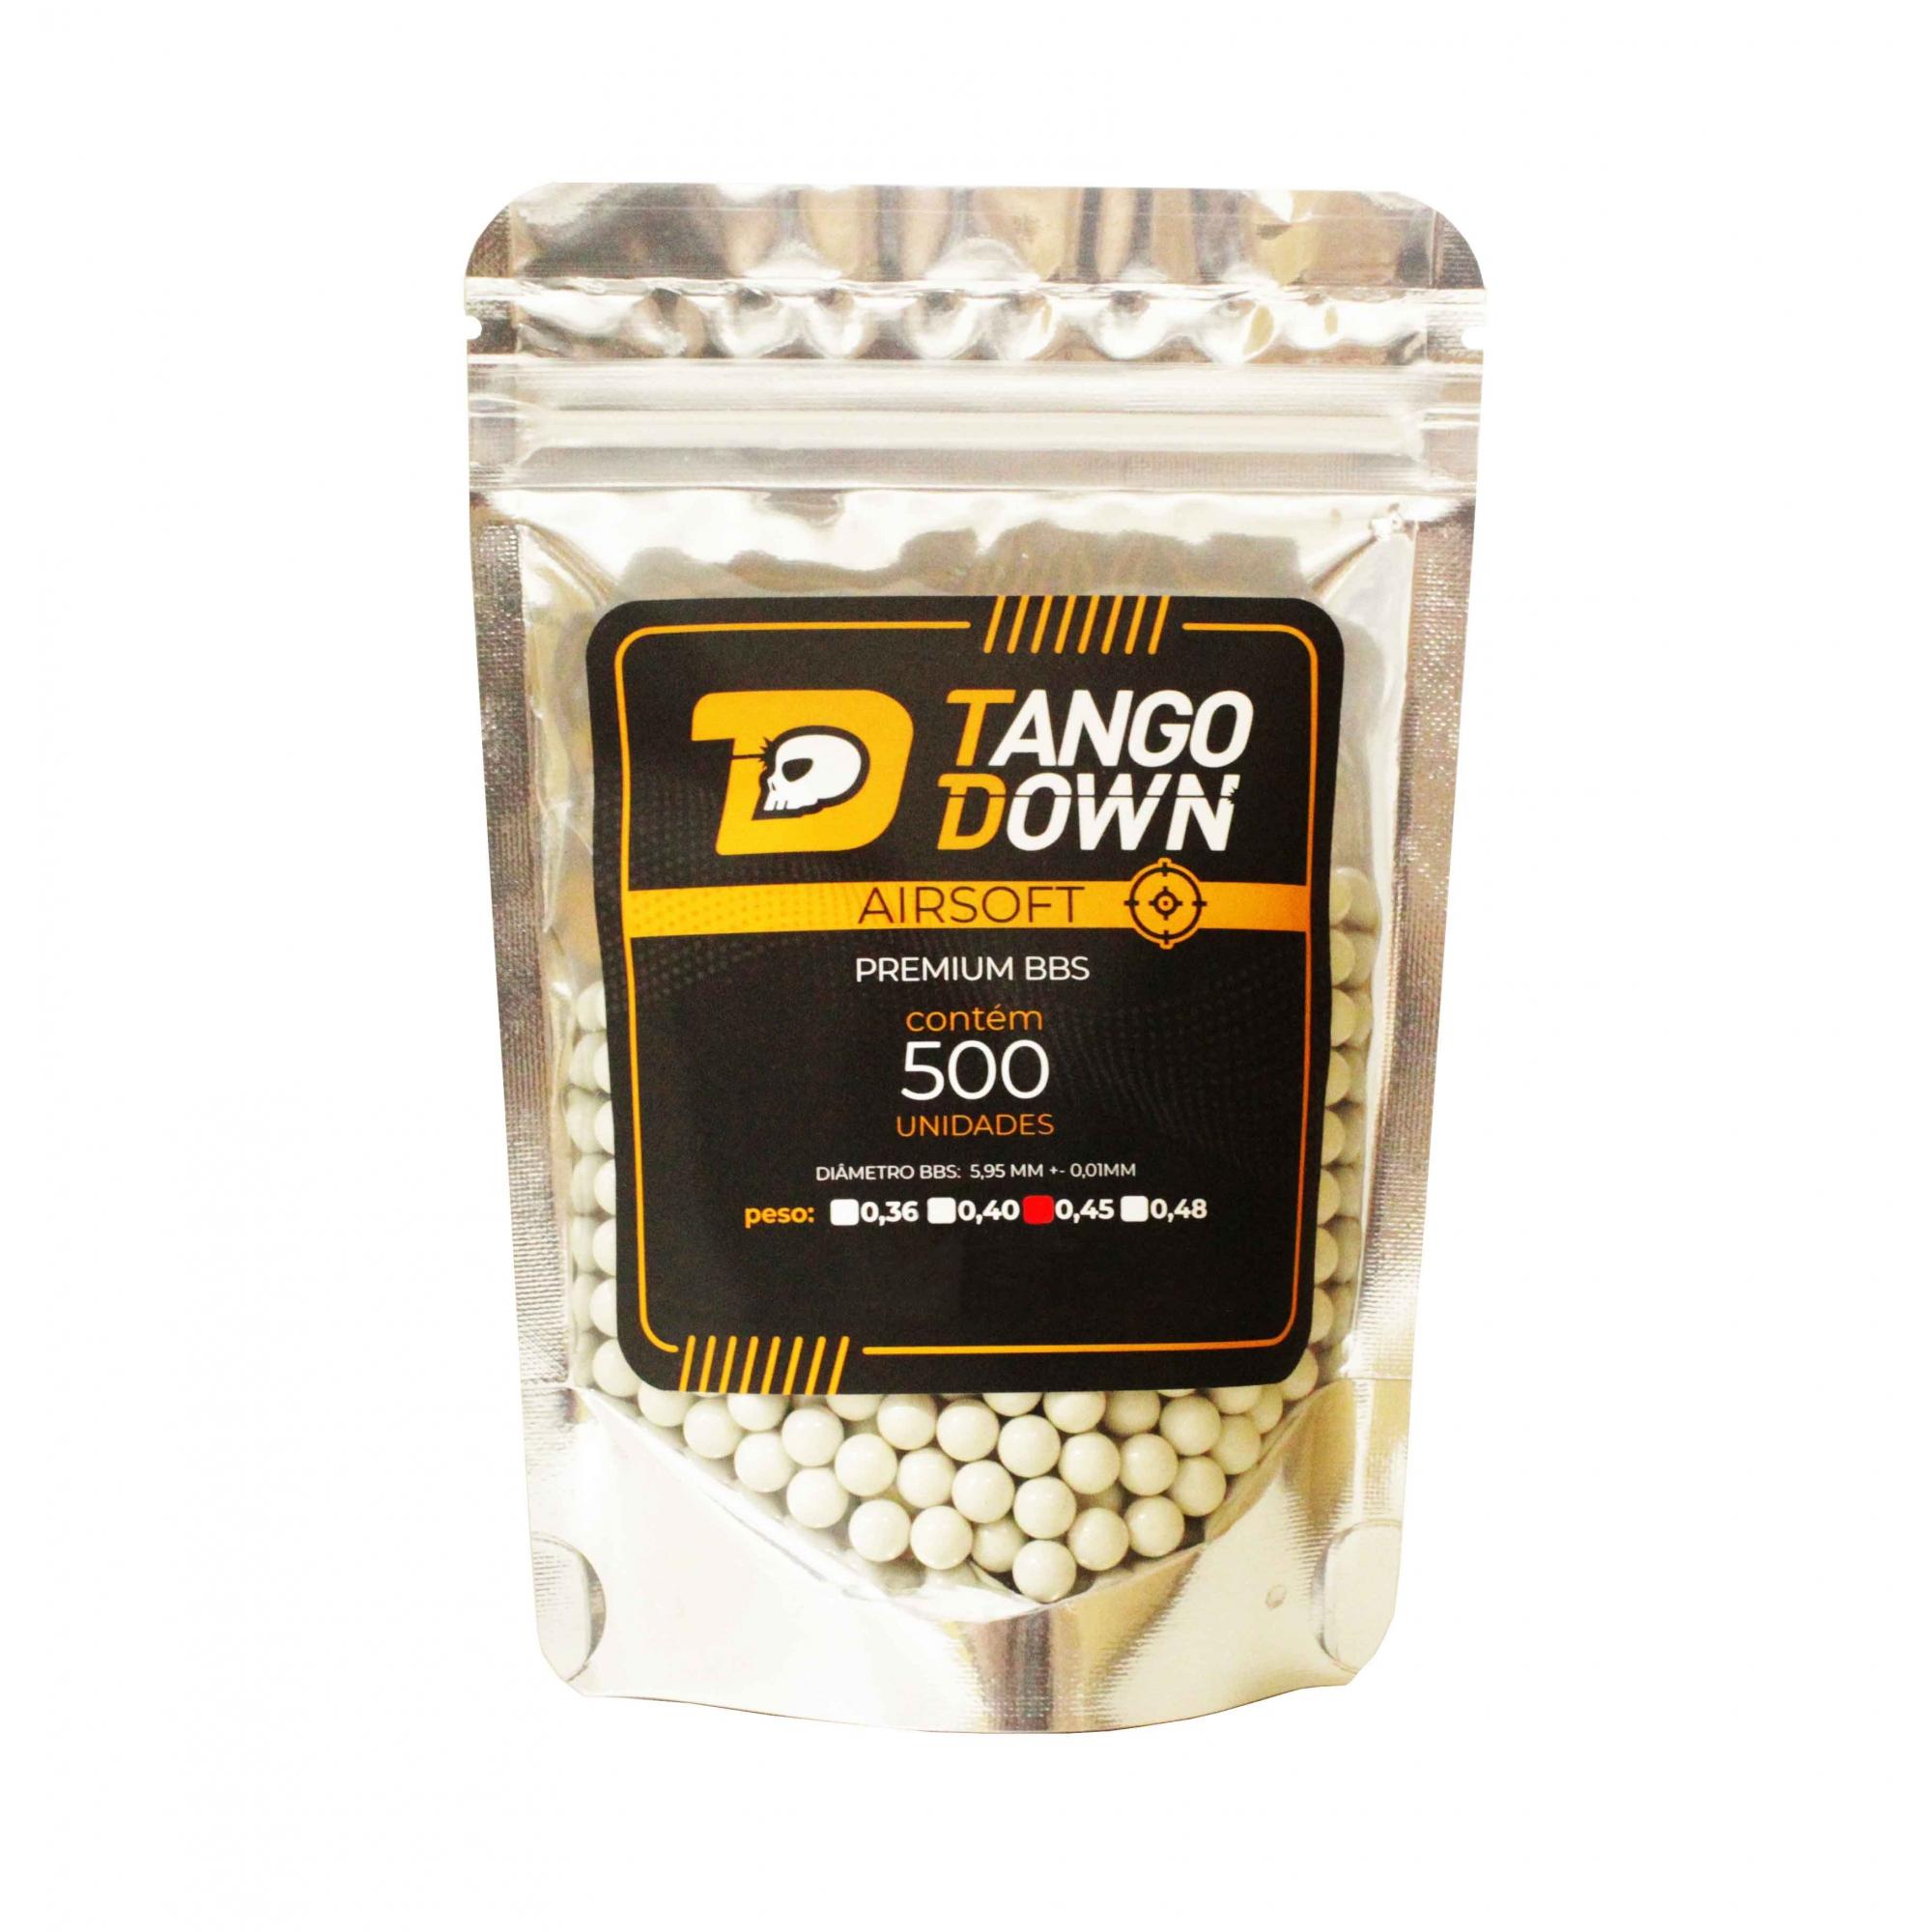 BBS Tango Down 0,45 com 500 Unidades